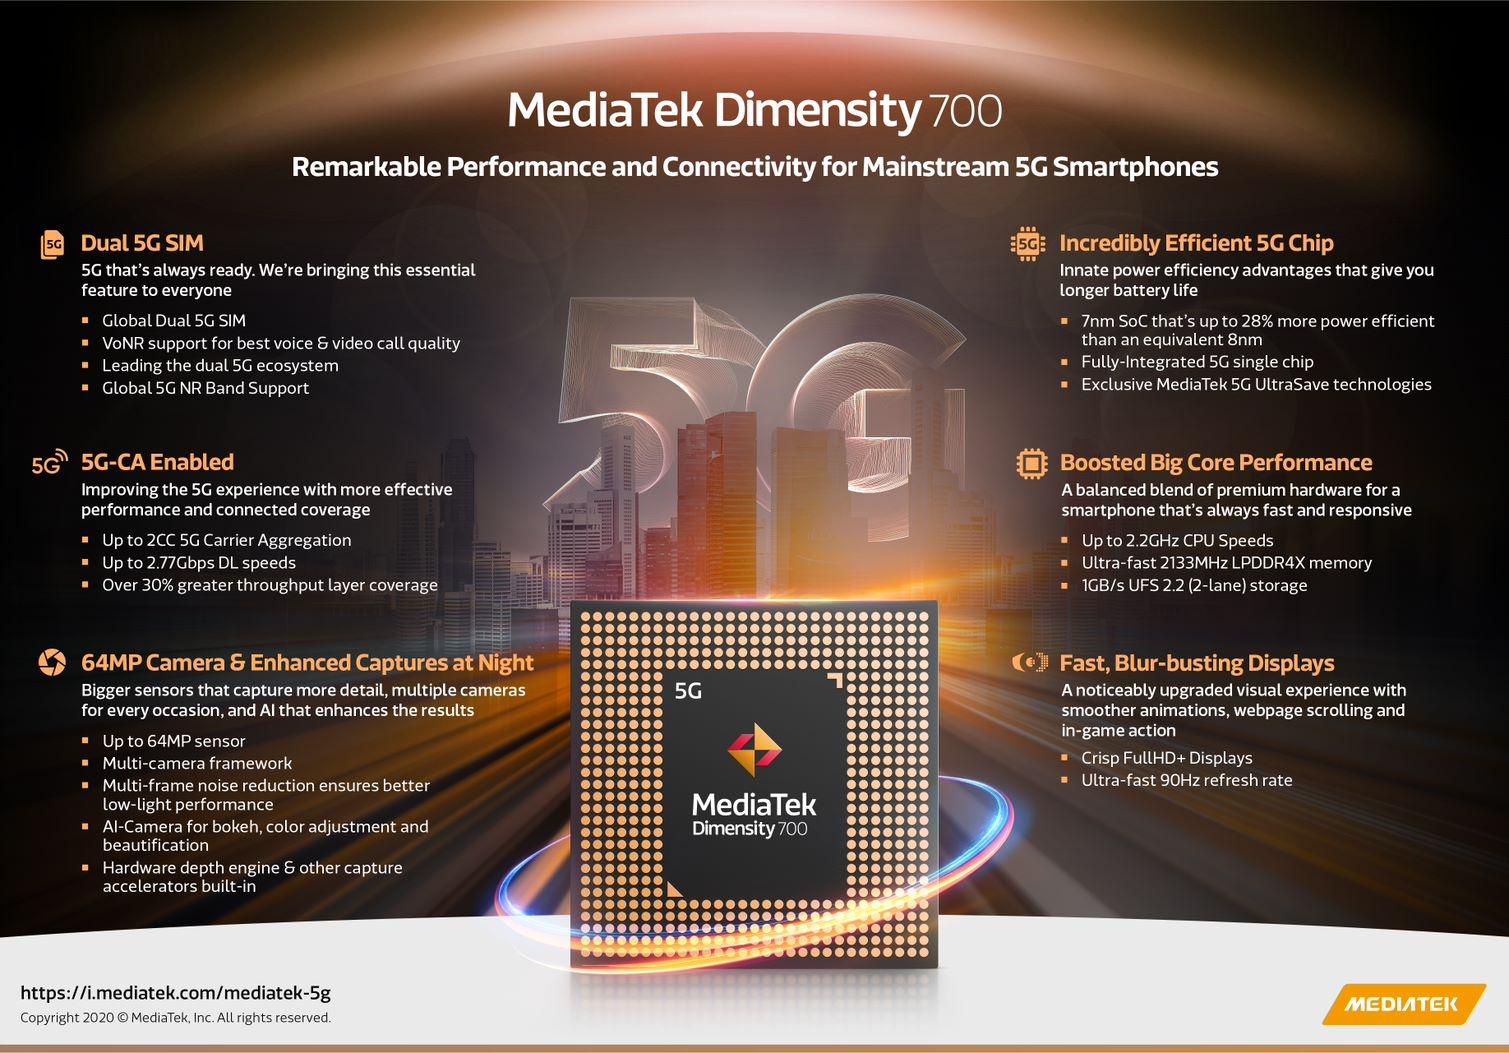 「Dimensity 700」の特徴 MediaTekのイメージ